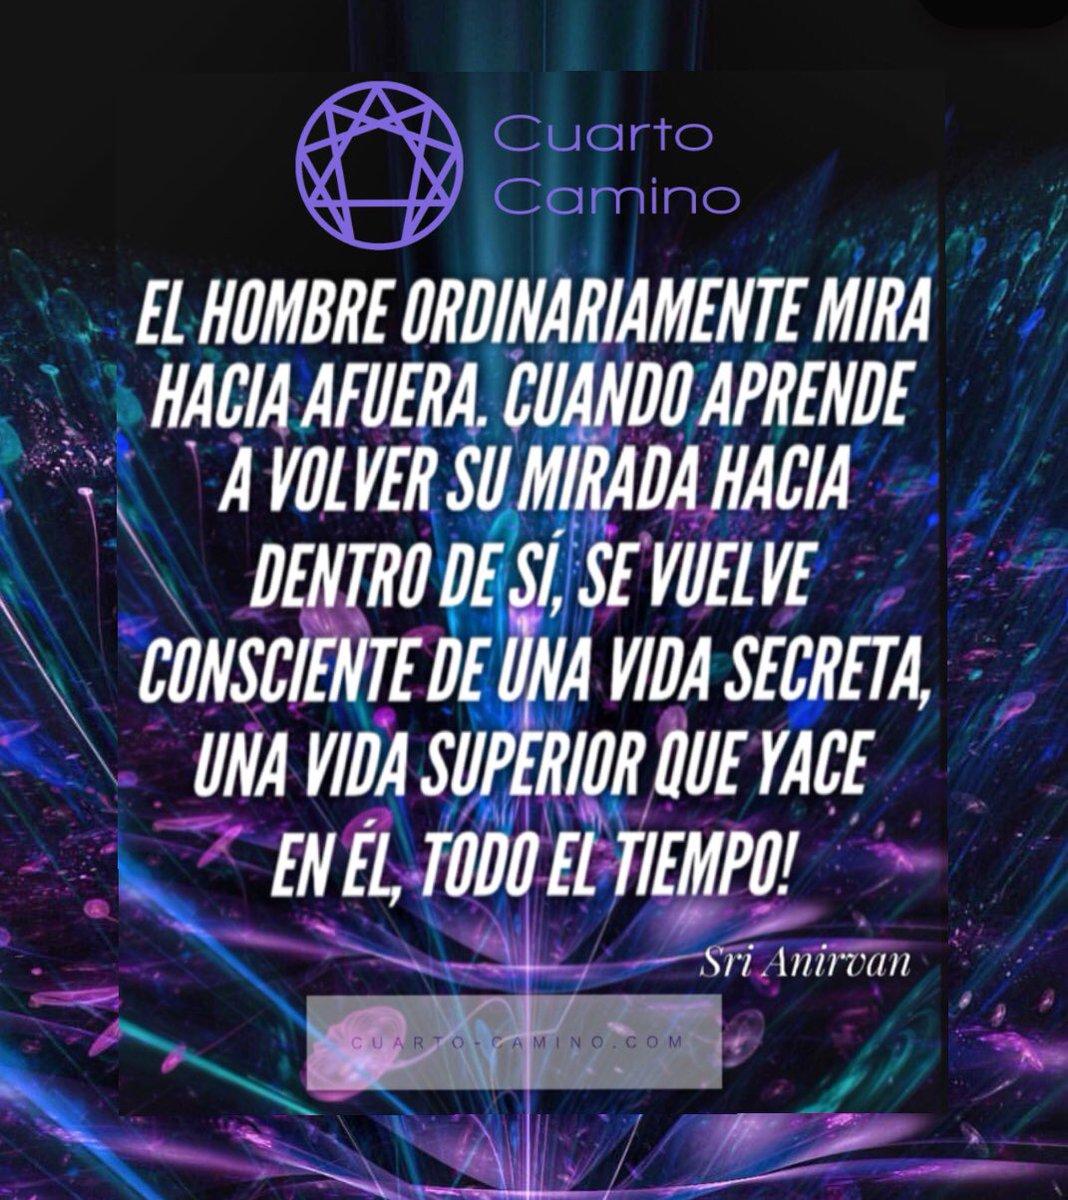 Cuarto Camino on Twitter: \